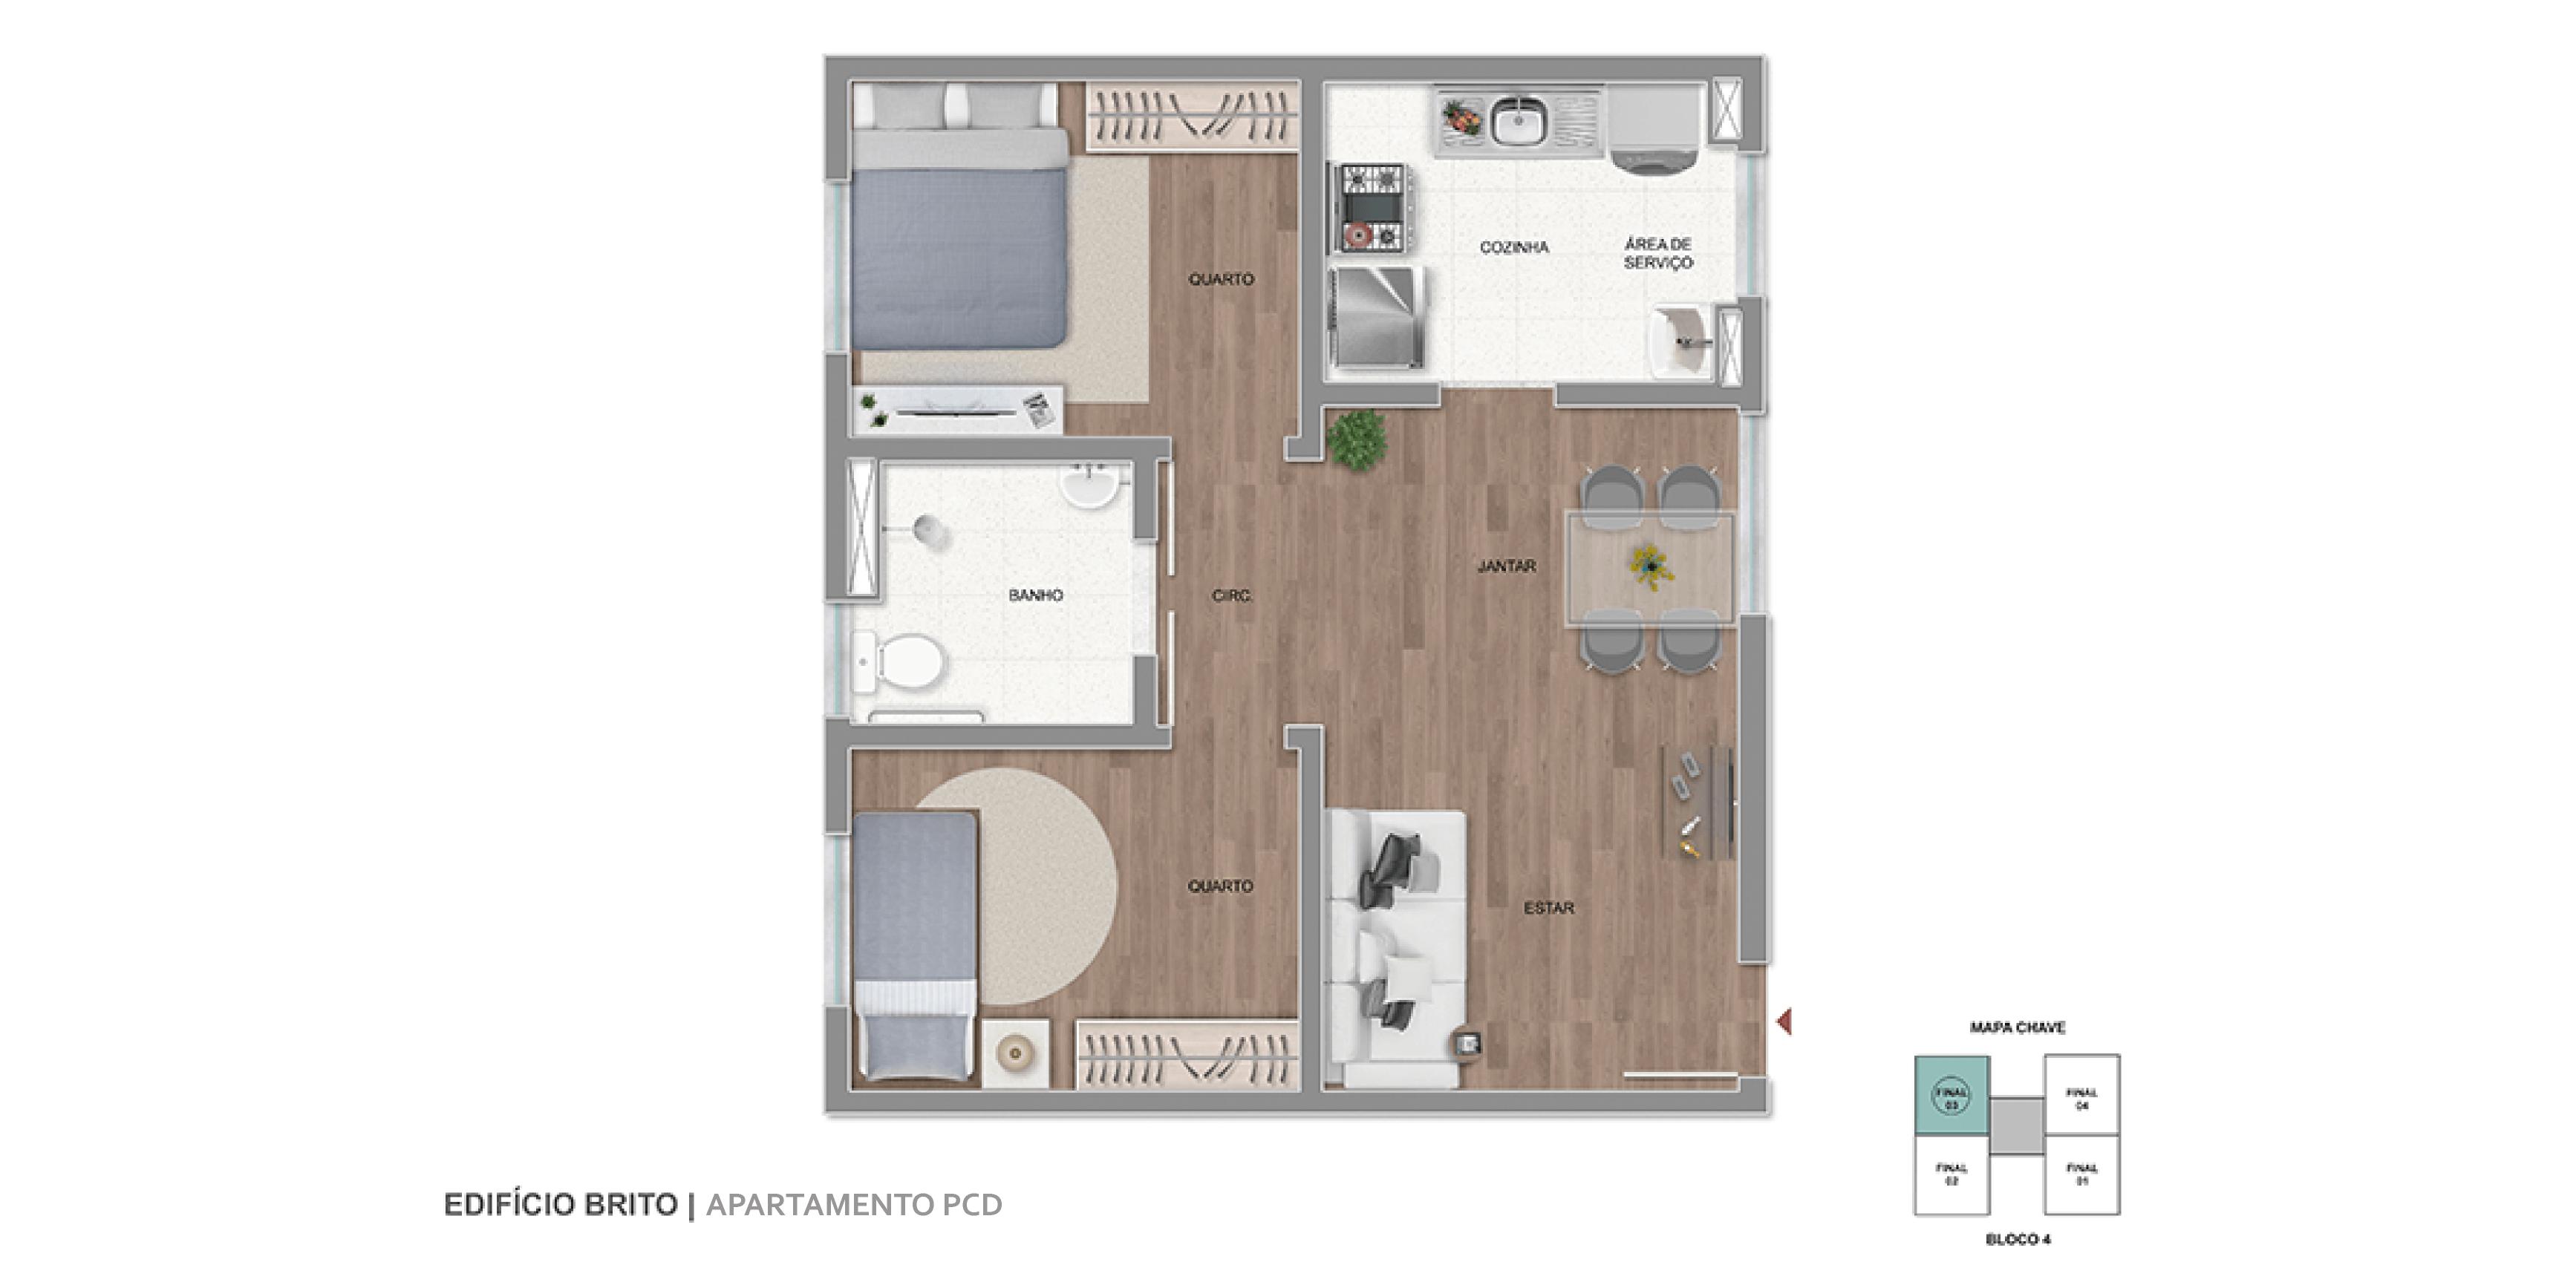 Apartamento PCD Final 03 | 48,40m²